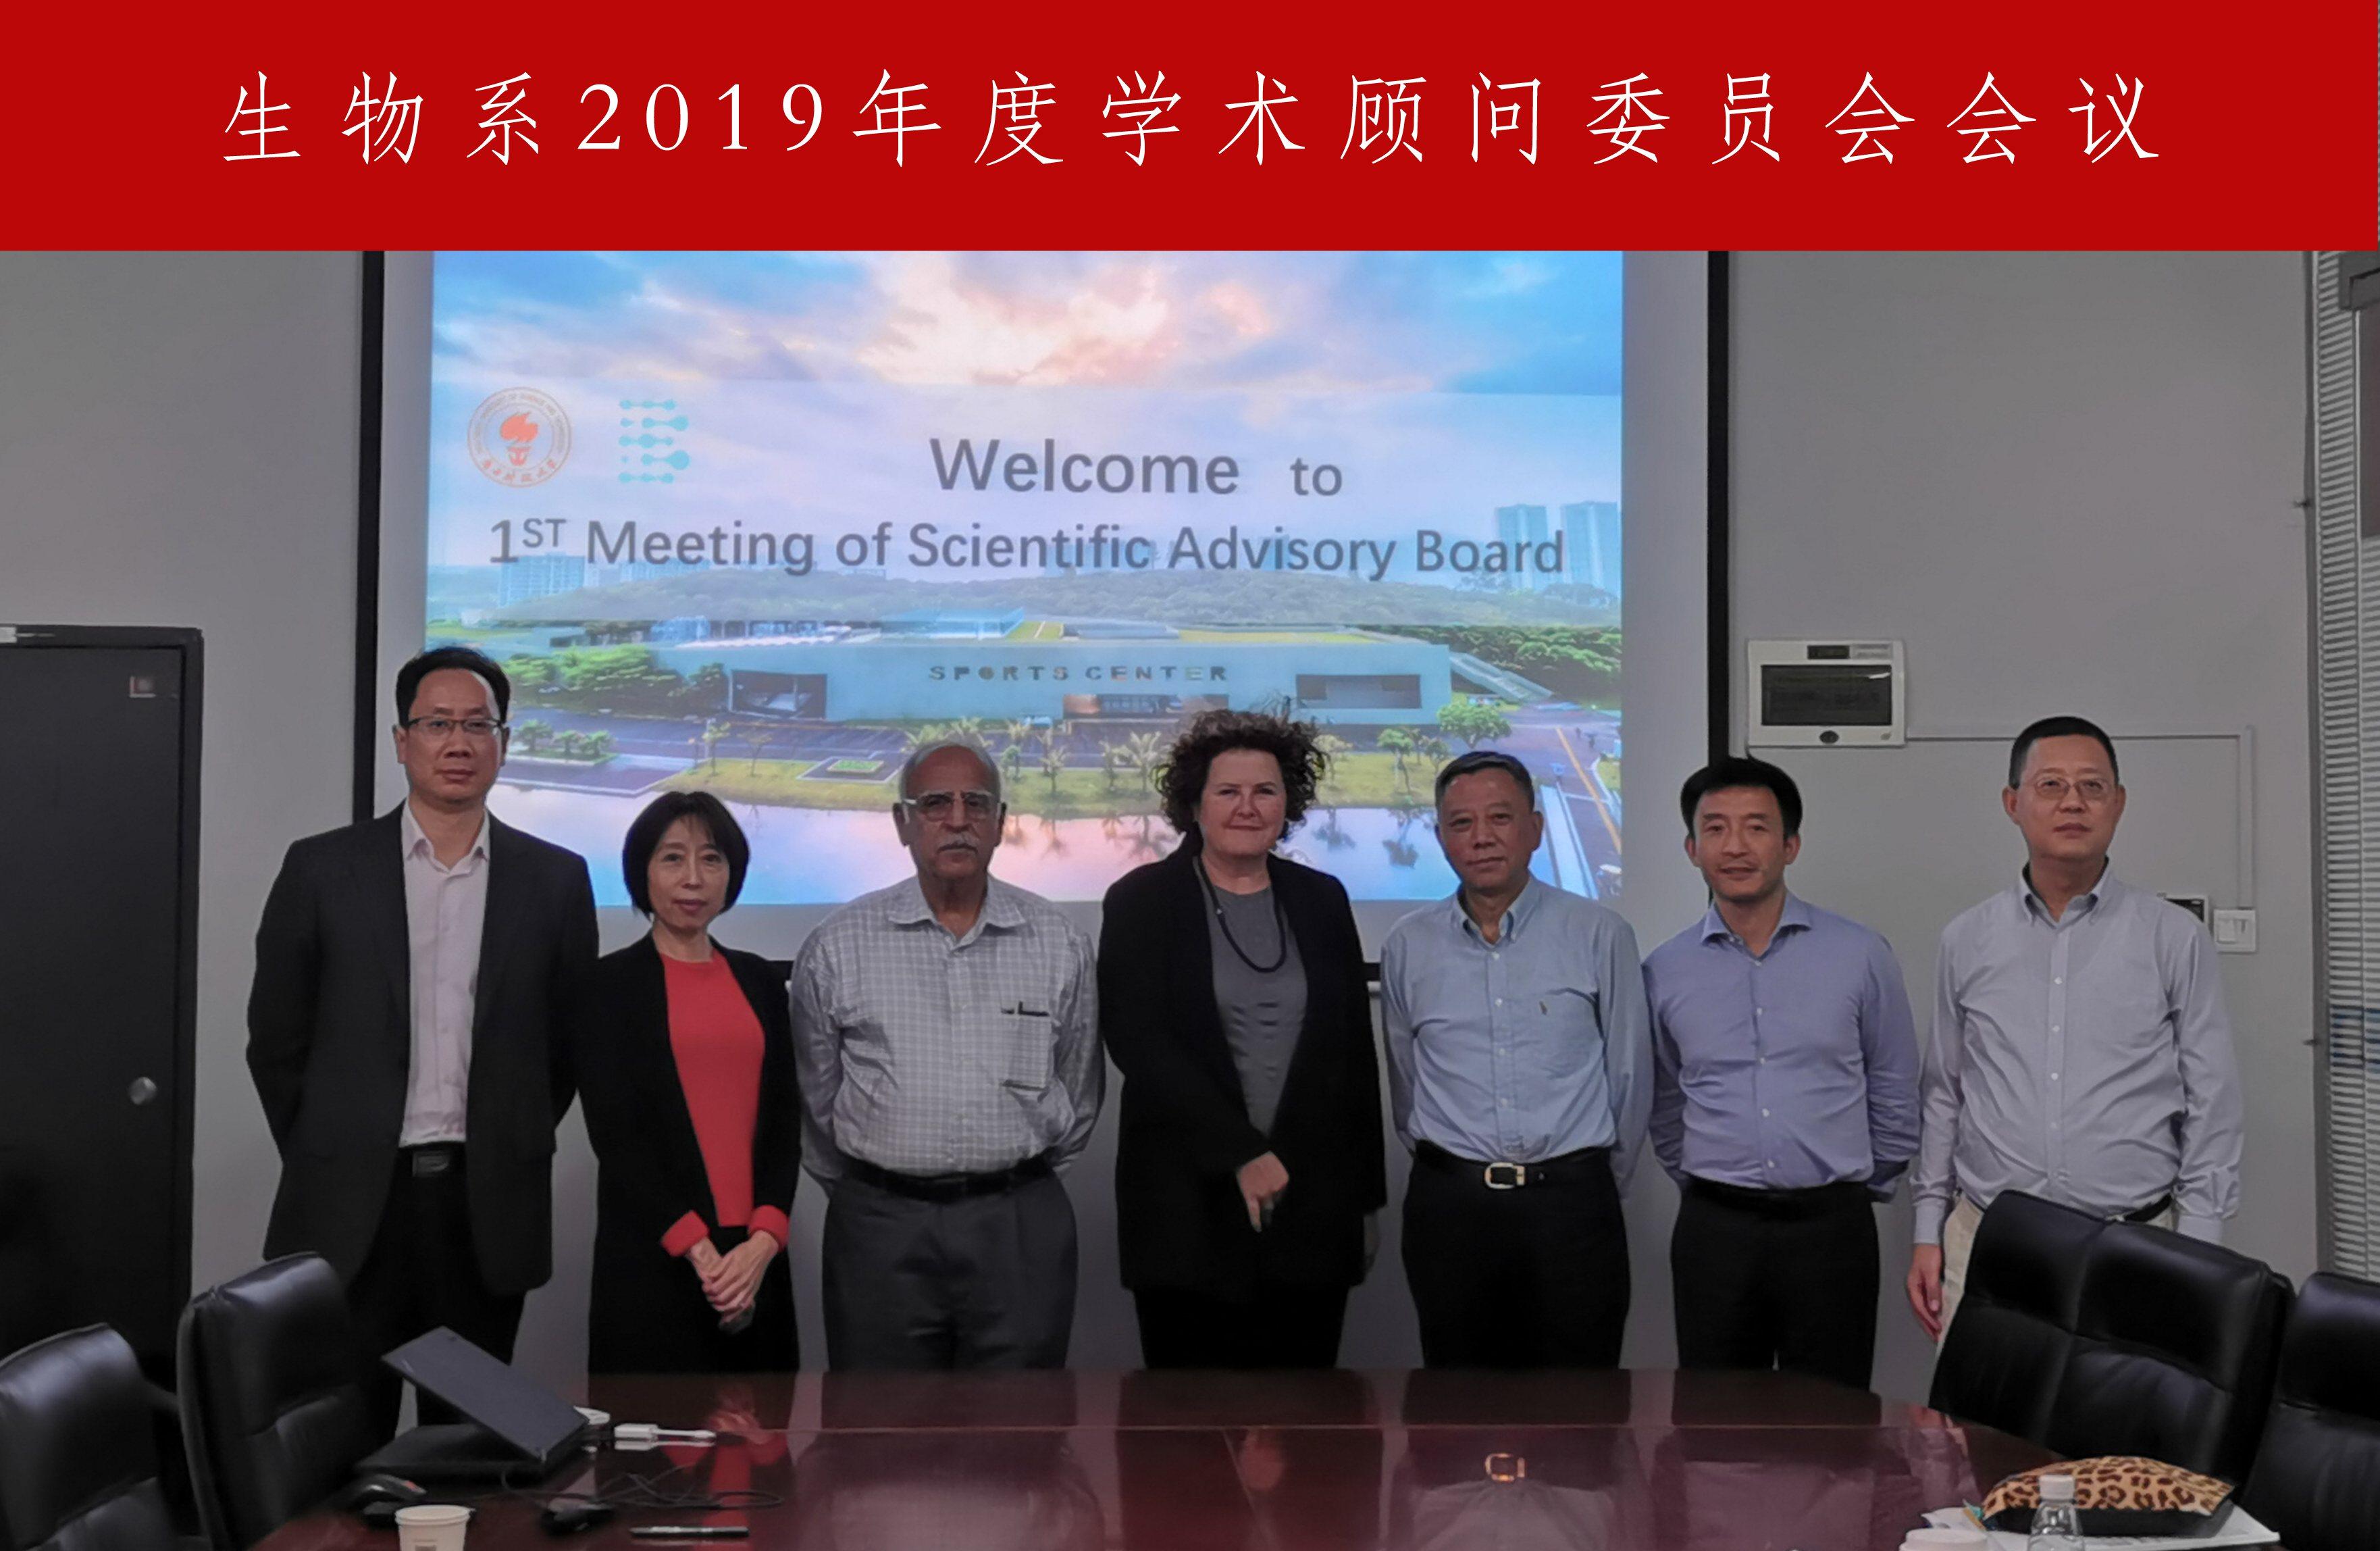 生物系召开2019年度学术顾问委员会会议